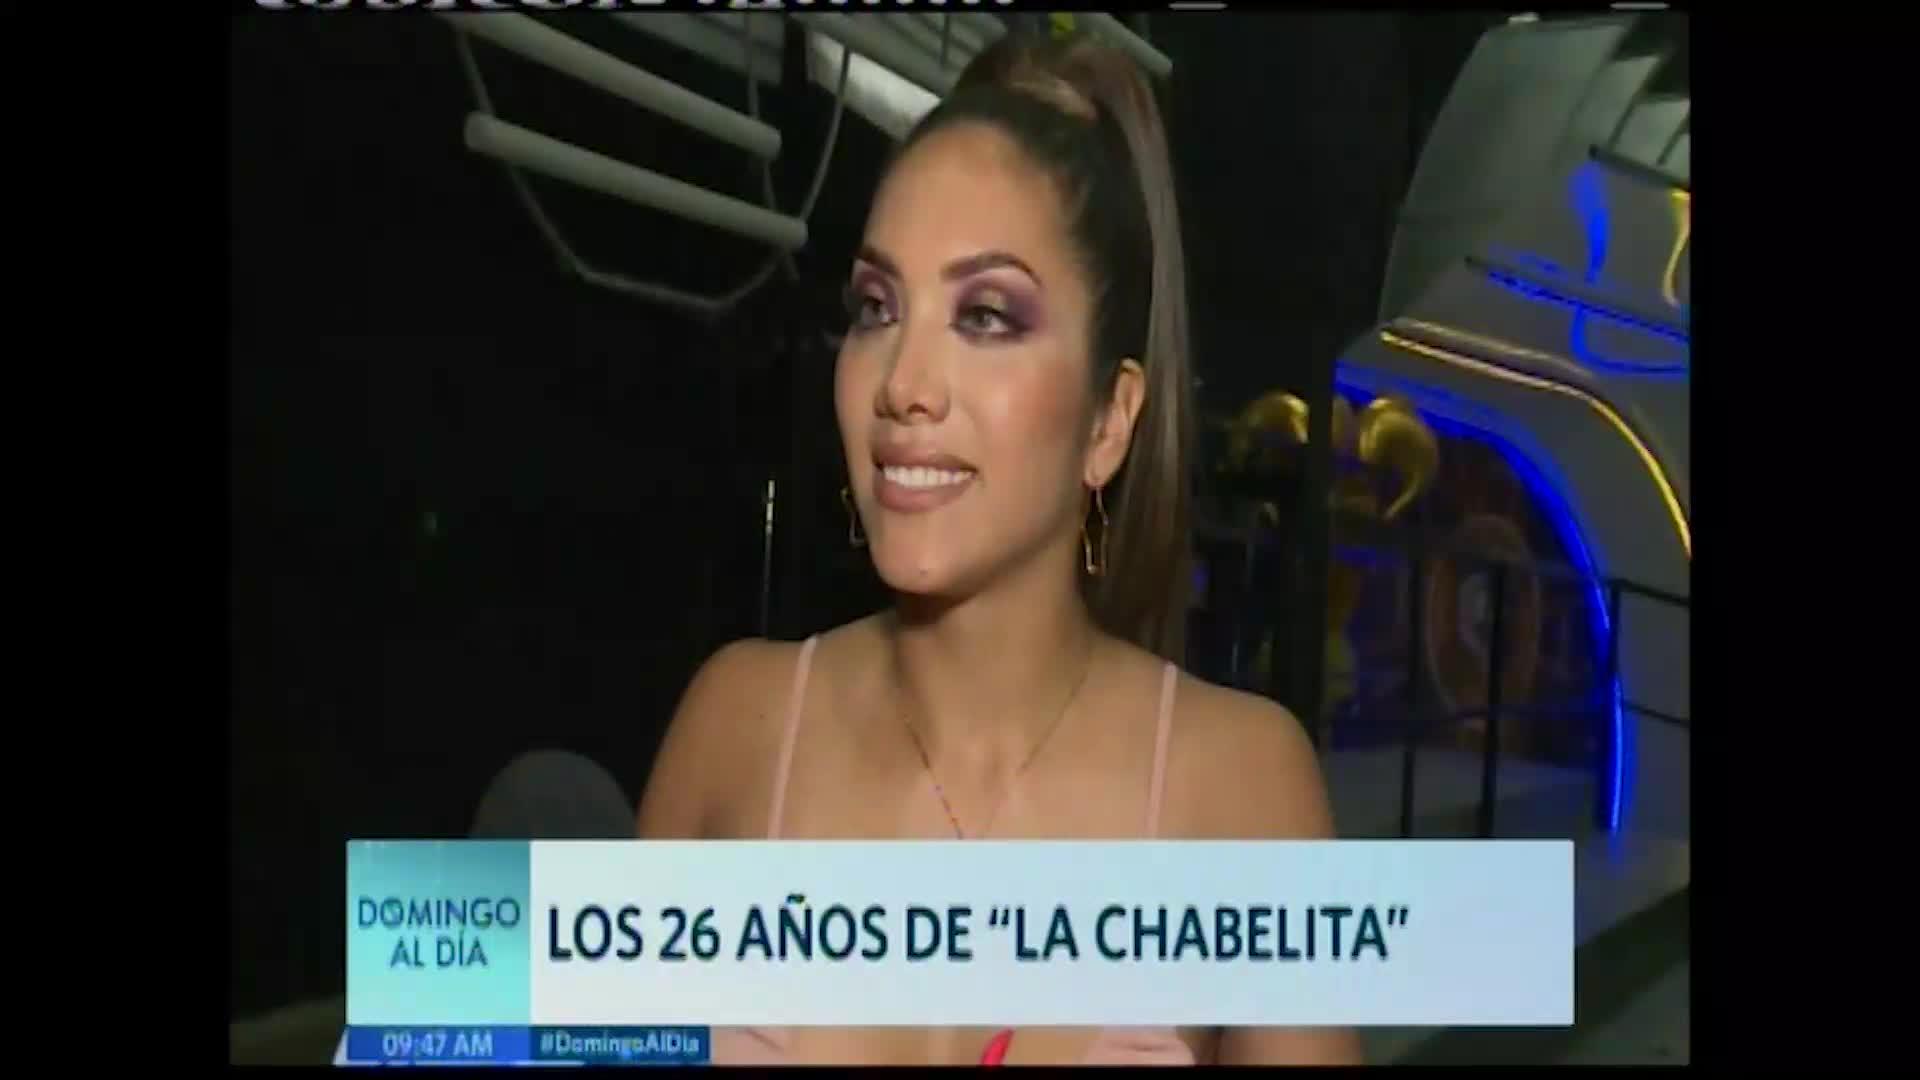 'Chabelita' revela detalles acerca de nueva agrupación femenina